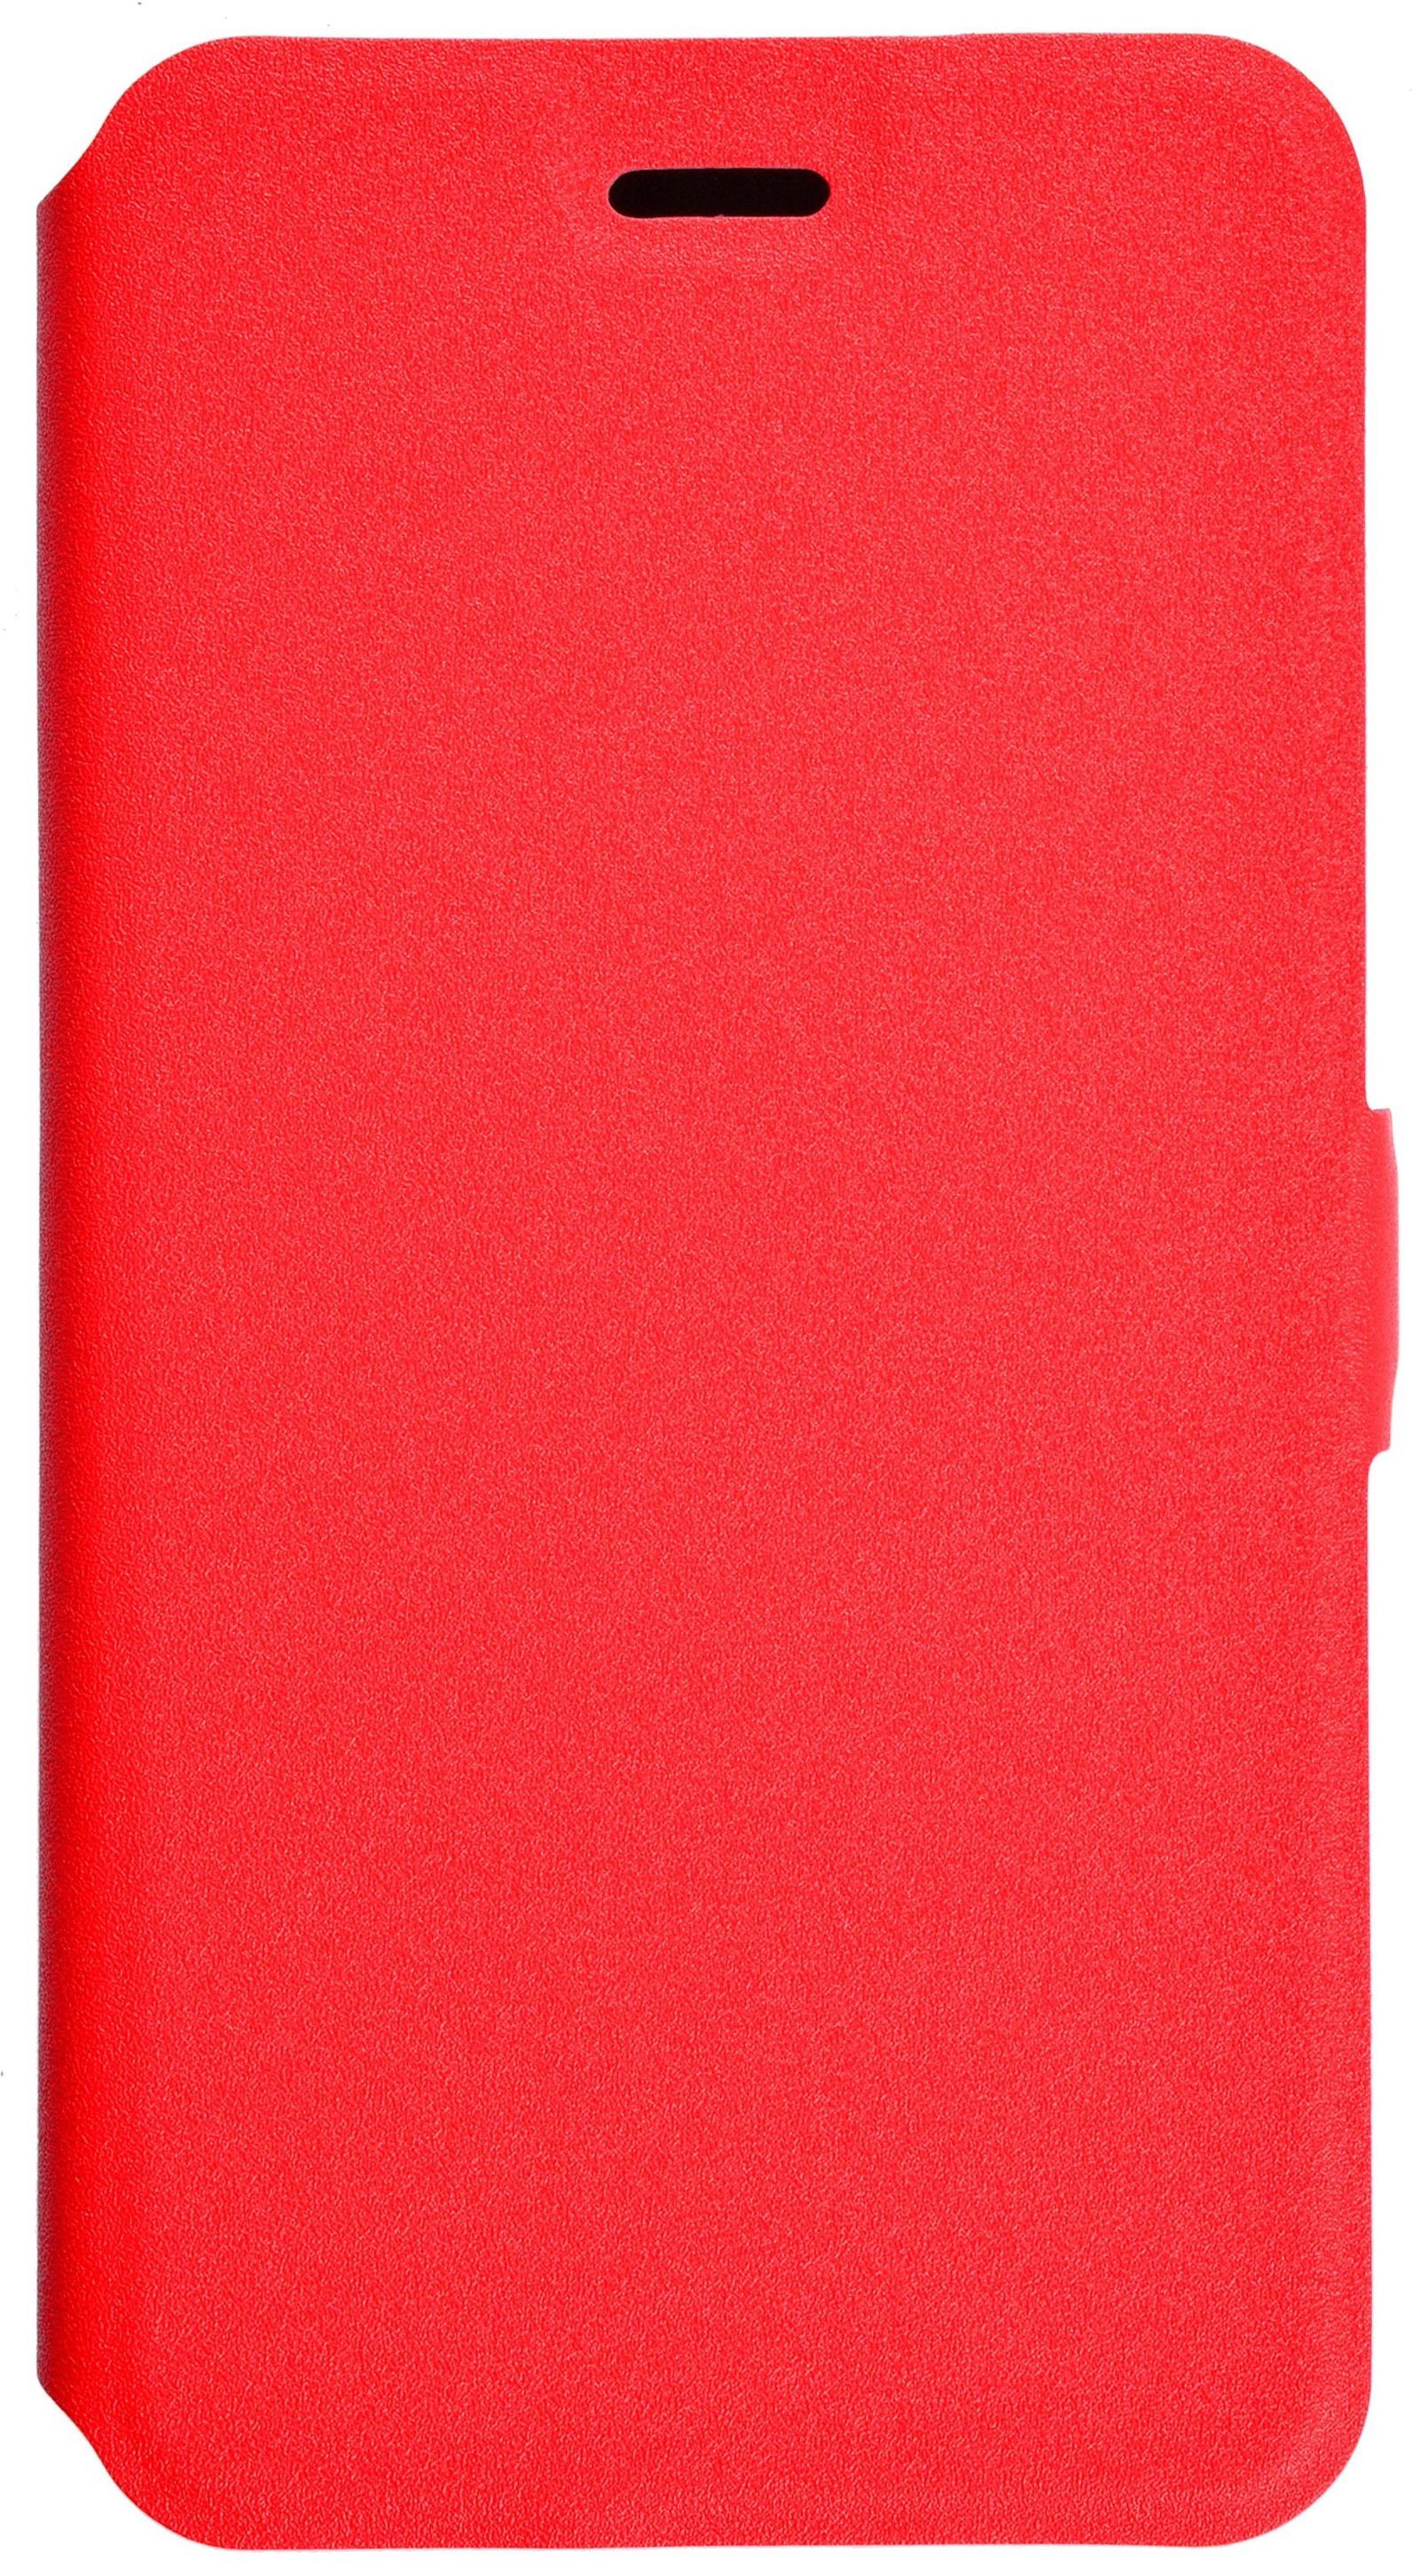 Чехол для сотового телефона PRIME Book, 4630042528420, красный чехол для сотового телефона prime book 4630042523708 красный